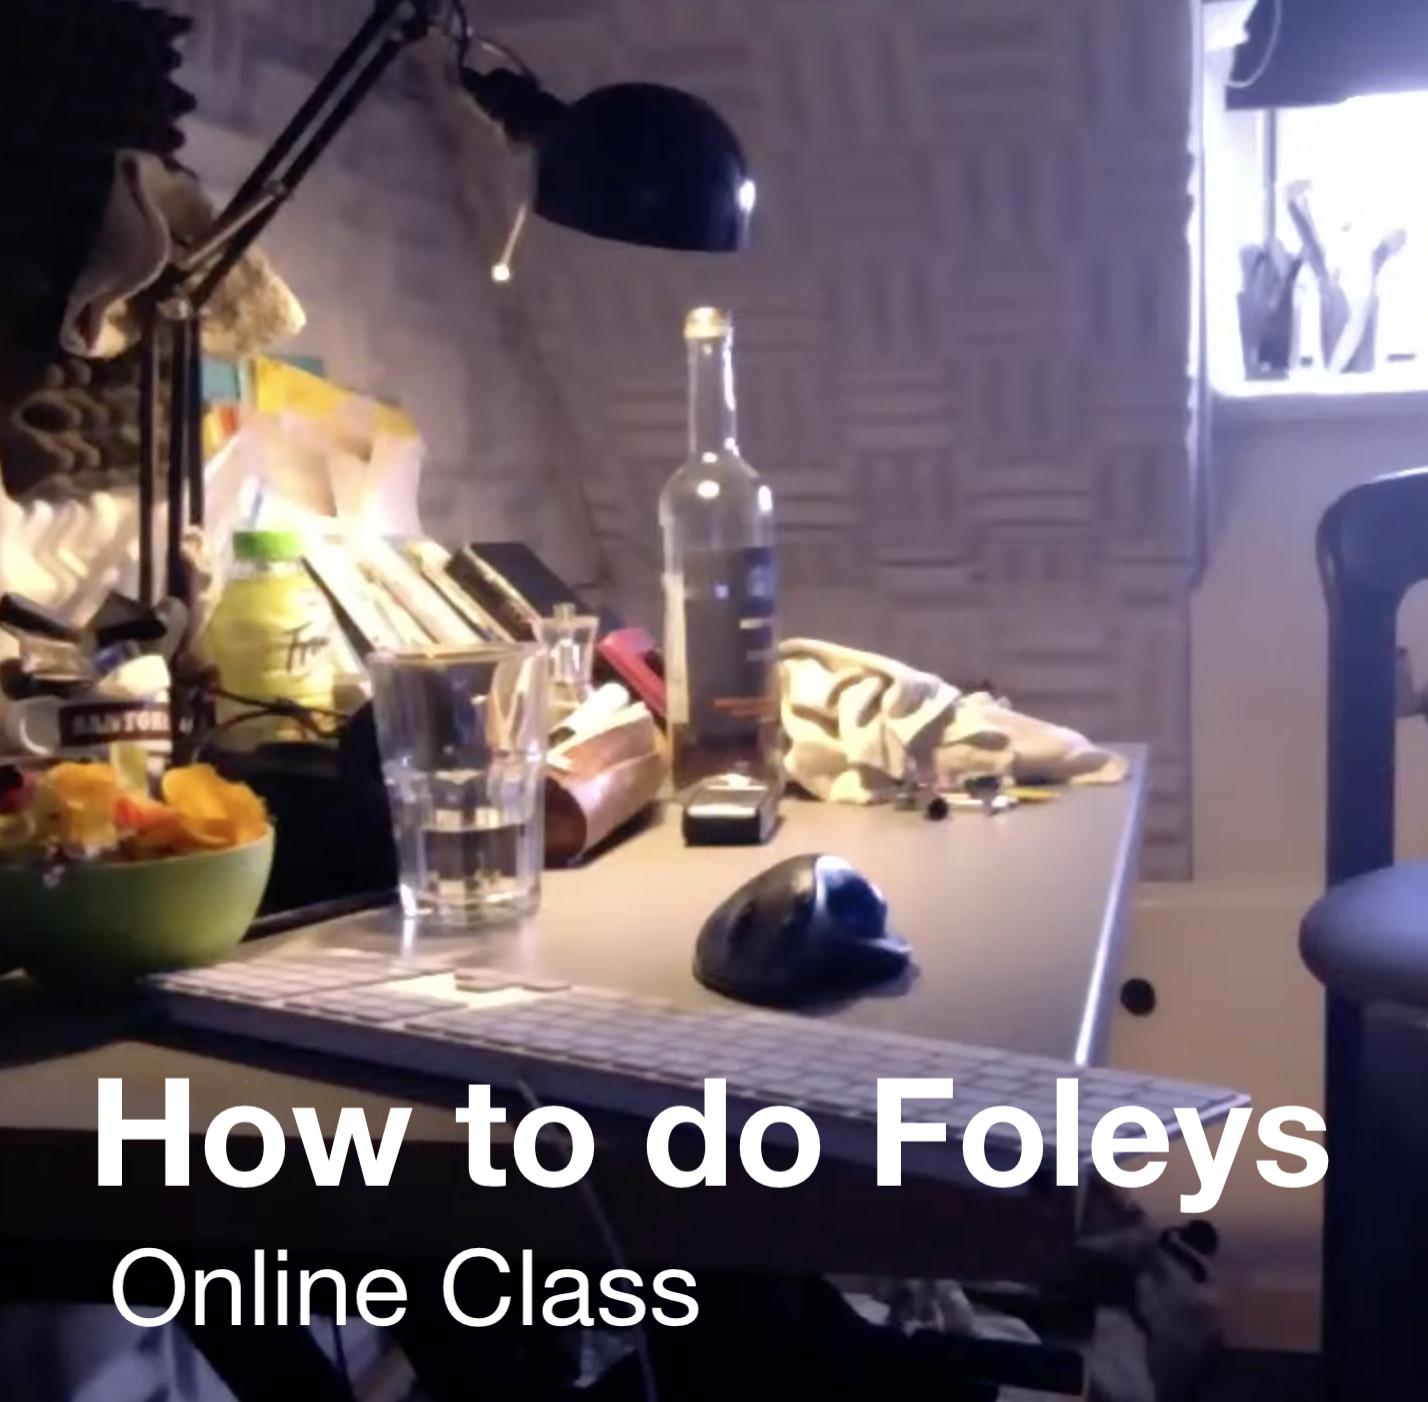 How to do Foley